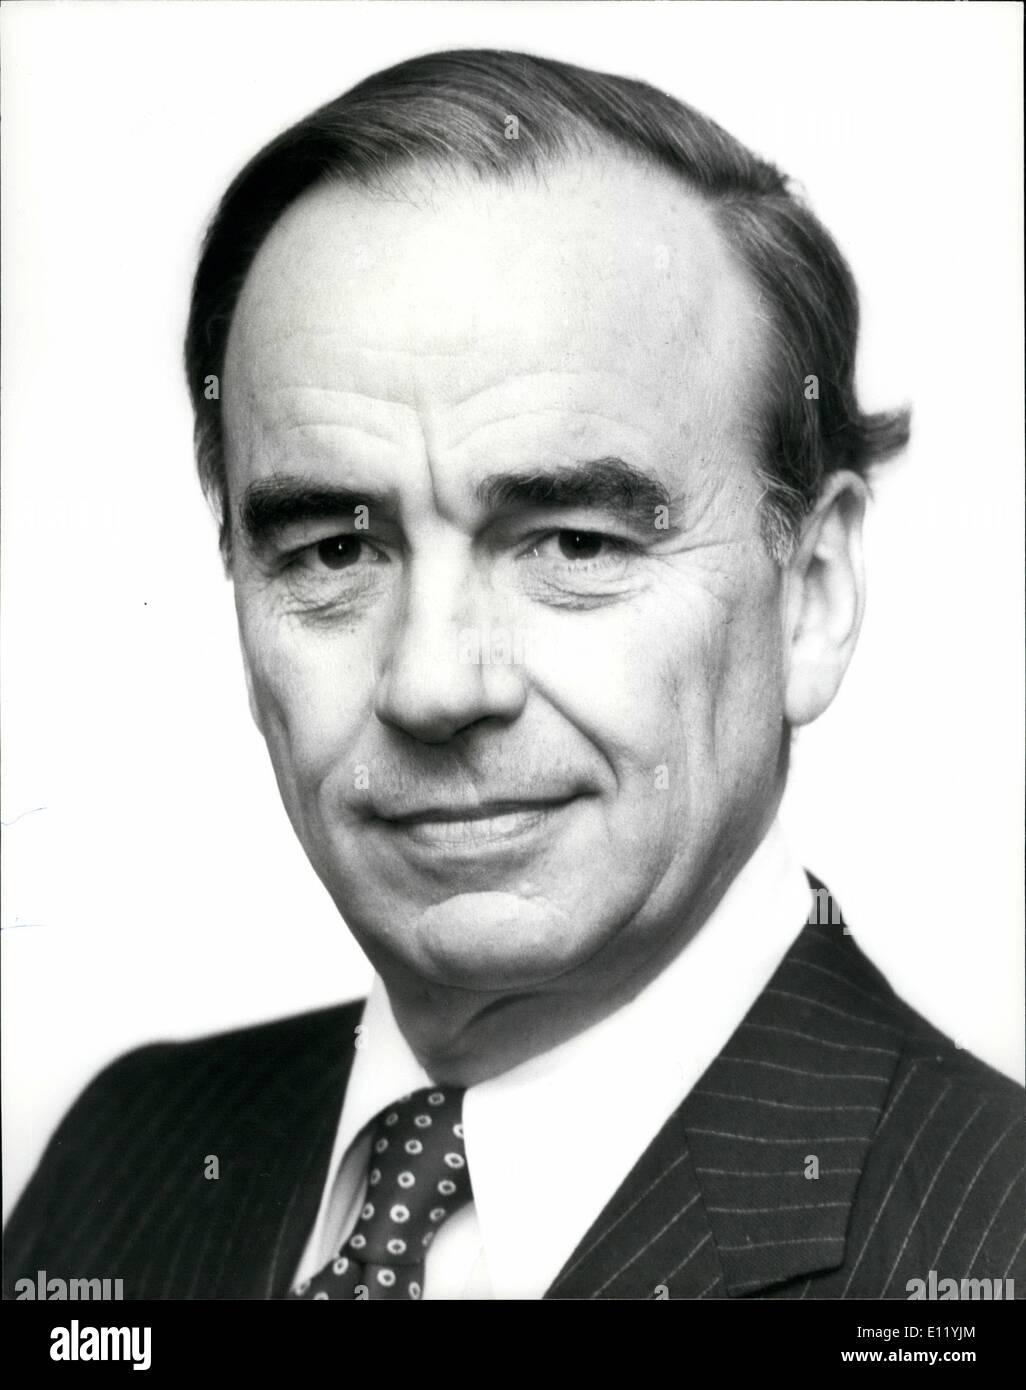 Tabrett Bethell